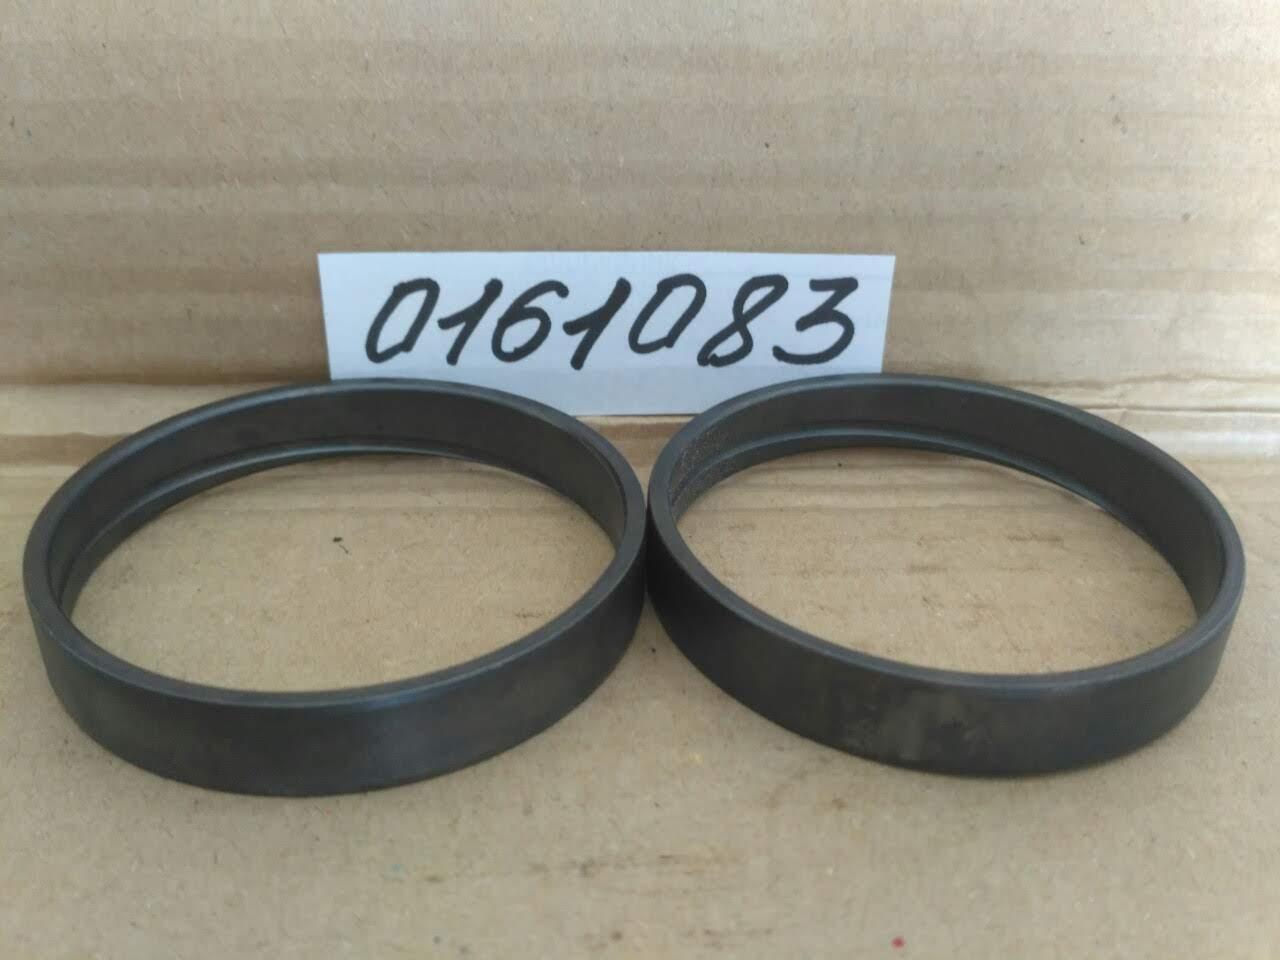 STILL 0161083 сальник (задняя ось)/ сальник (задня вісь)